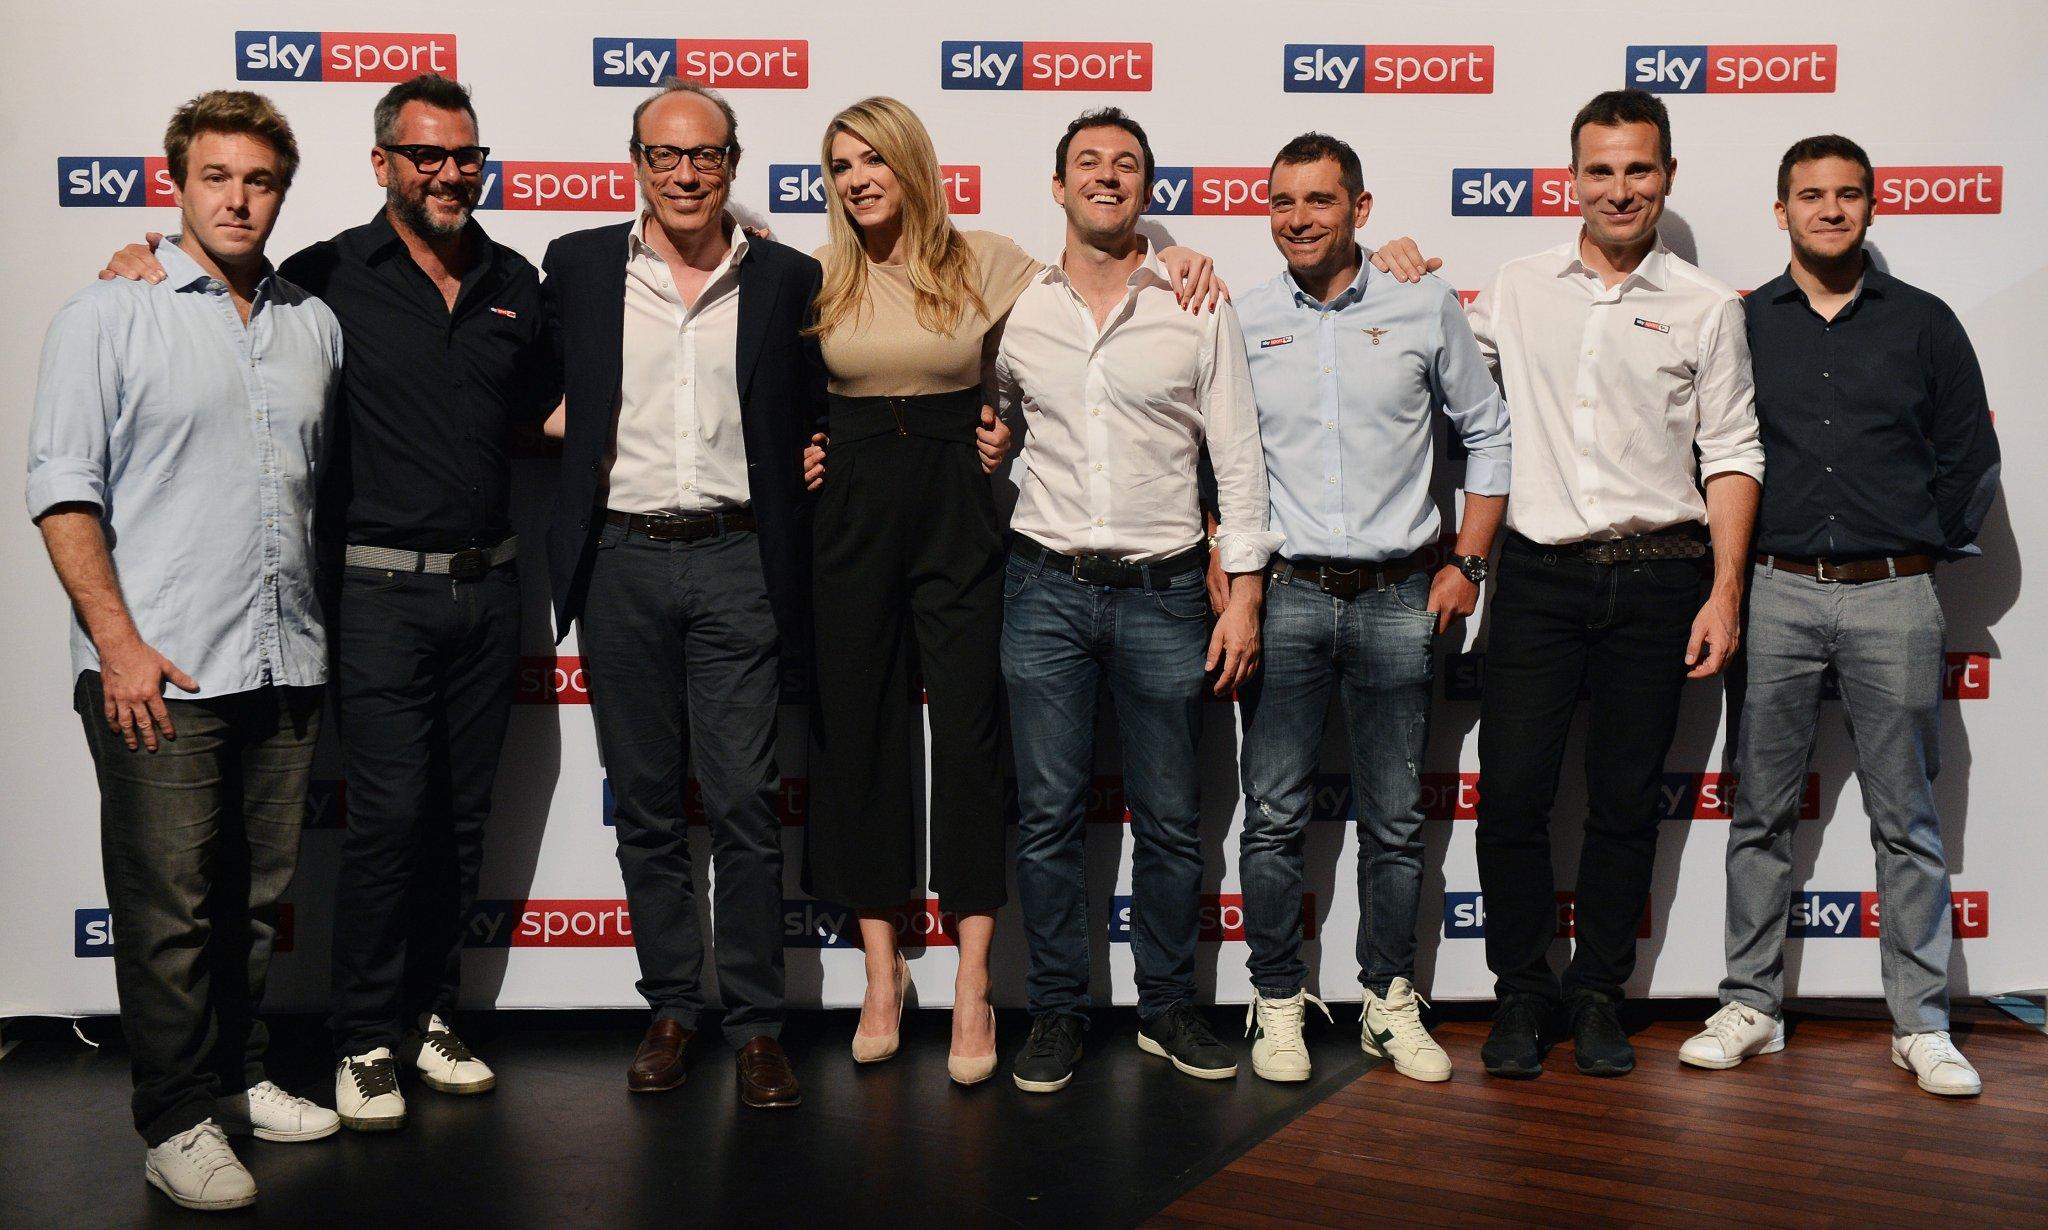 Su Sky Sport sarà estate rovente dei Motori con F1, MotoGP e Superbike.